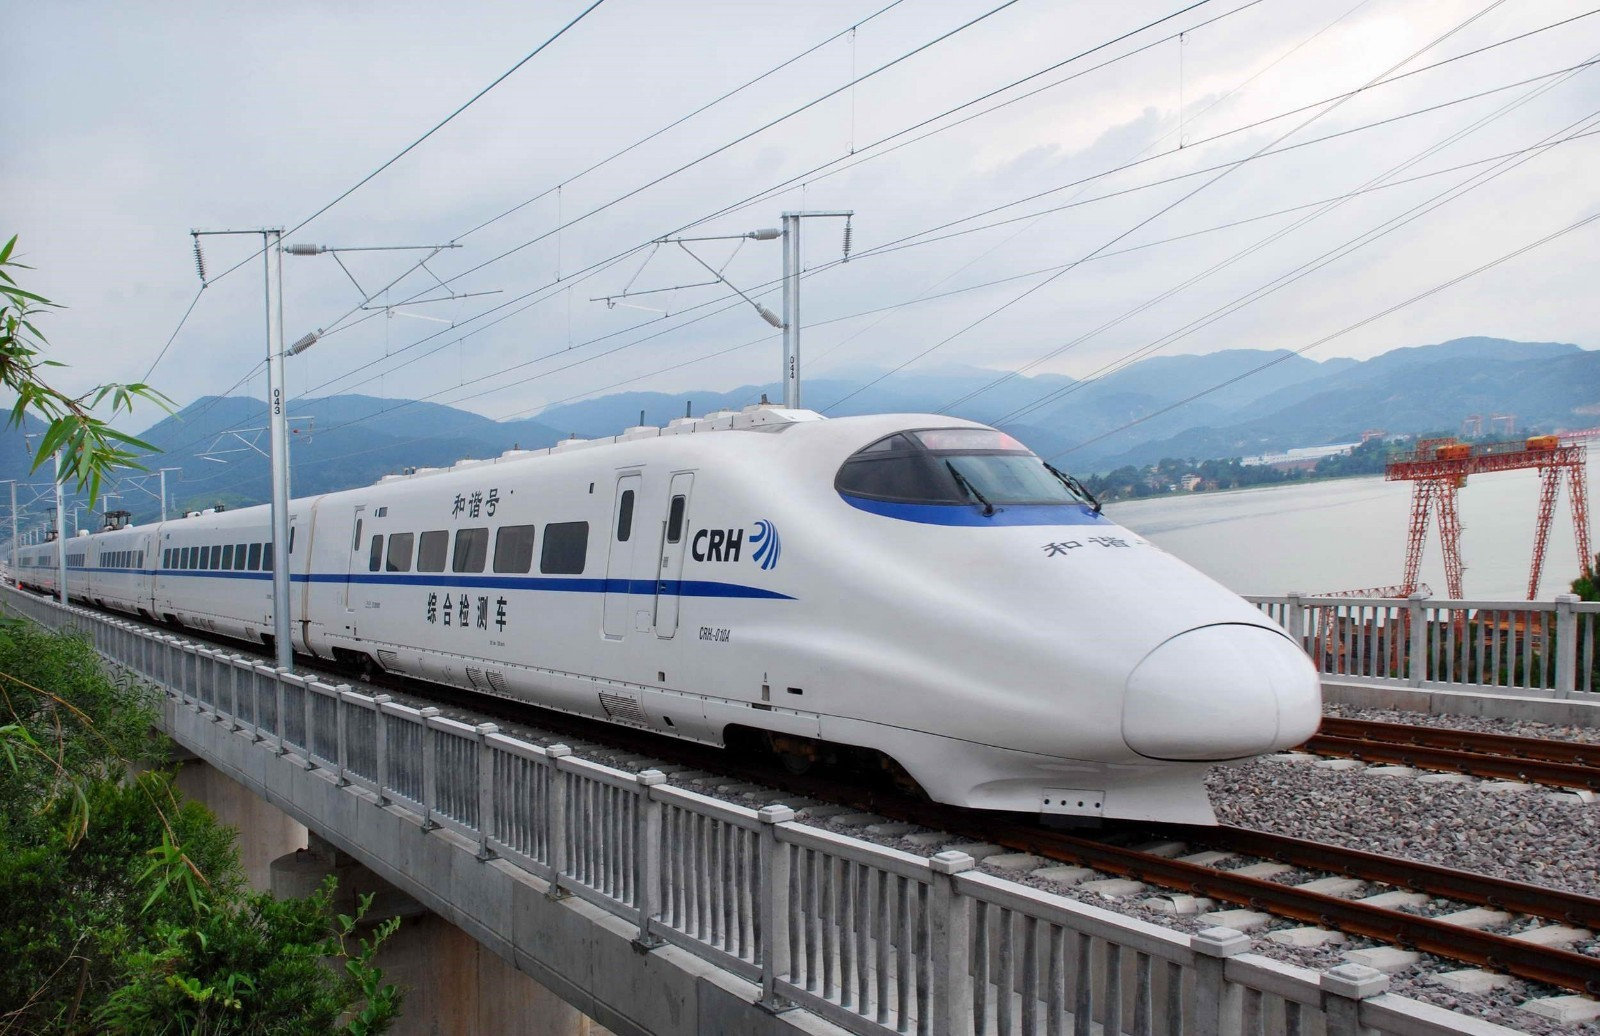 浙江将构建一个高速铁路站,平台规模为11 20线,将构建一个比肩杭州东站高速铁路